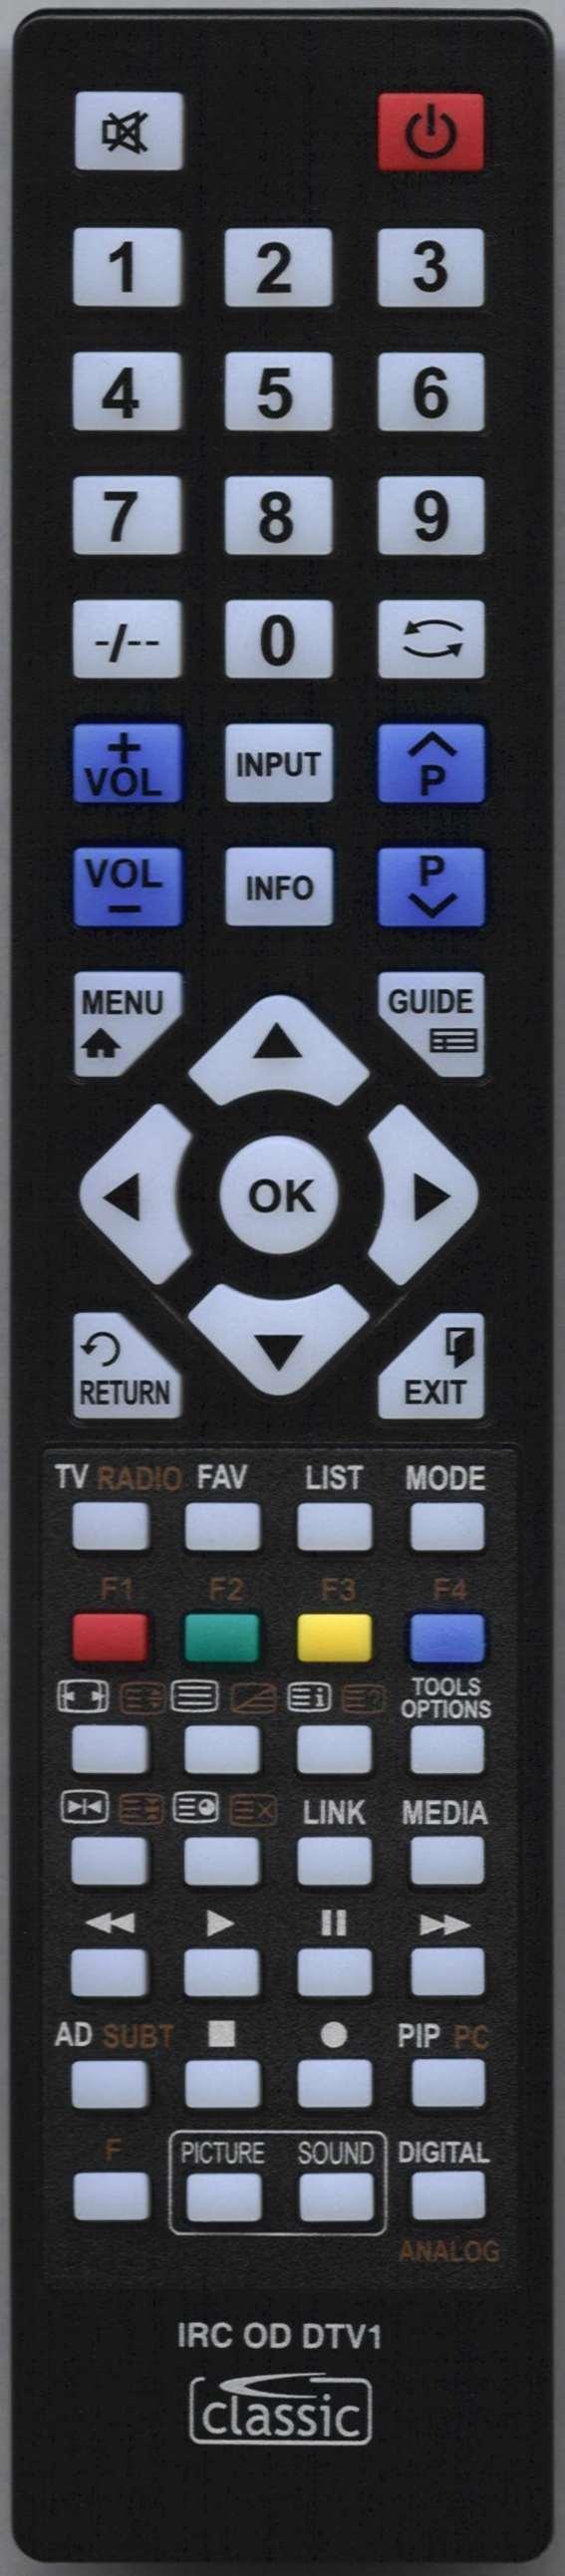 CELLO C55C275T2 SMART-4K Remote Control Alternative